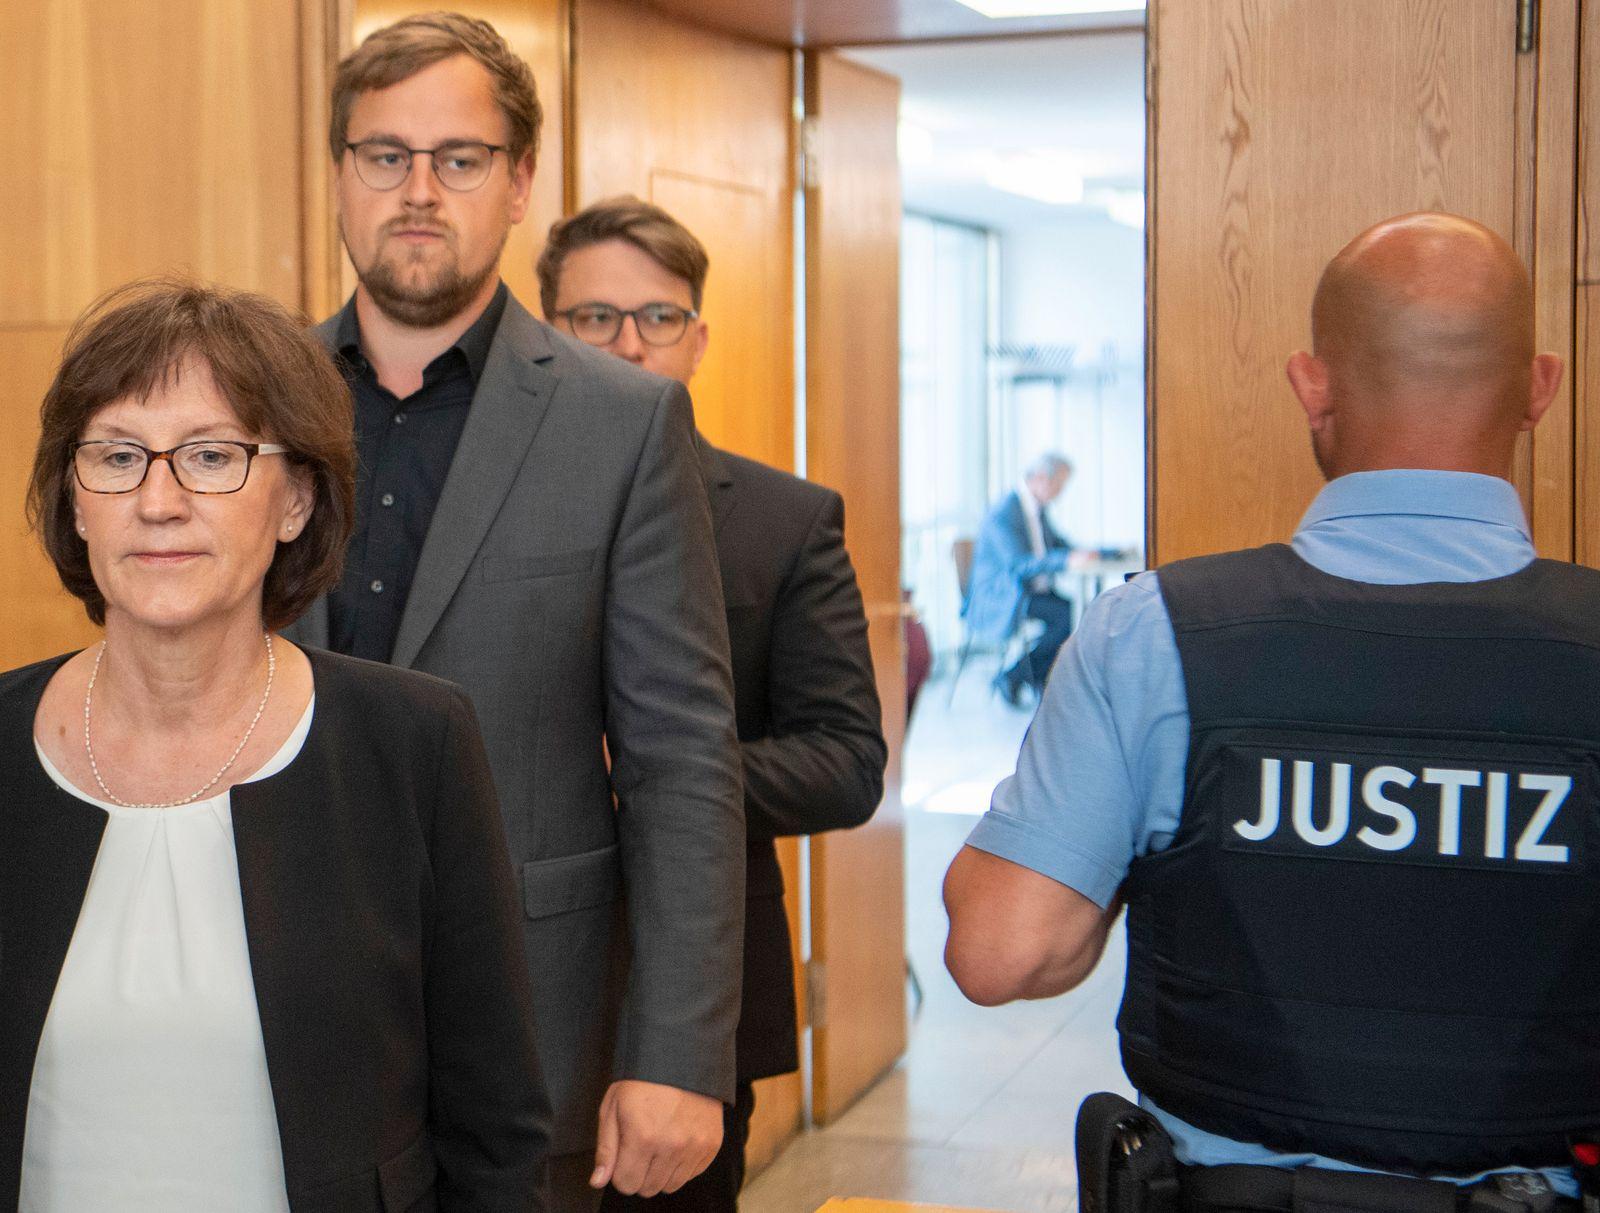 Familie von Walter Lübcke legt Revision gegen Urteil ein